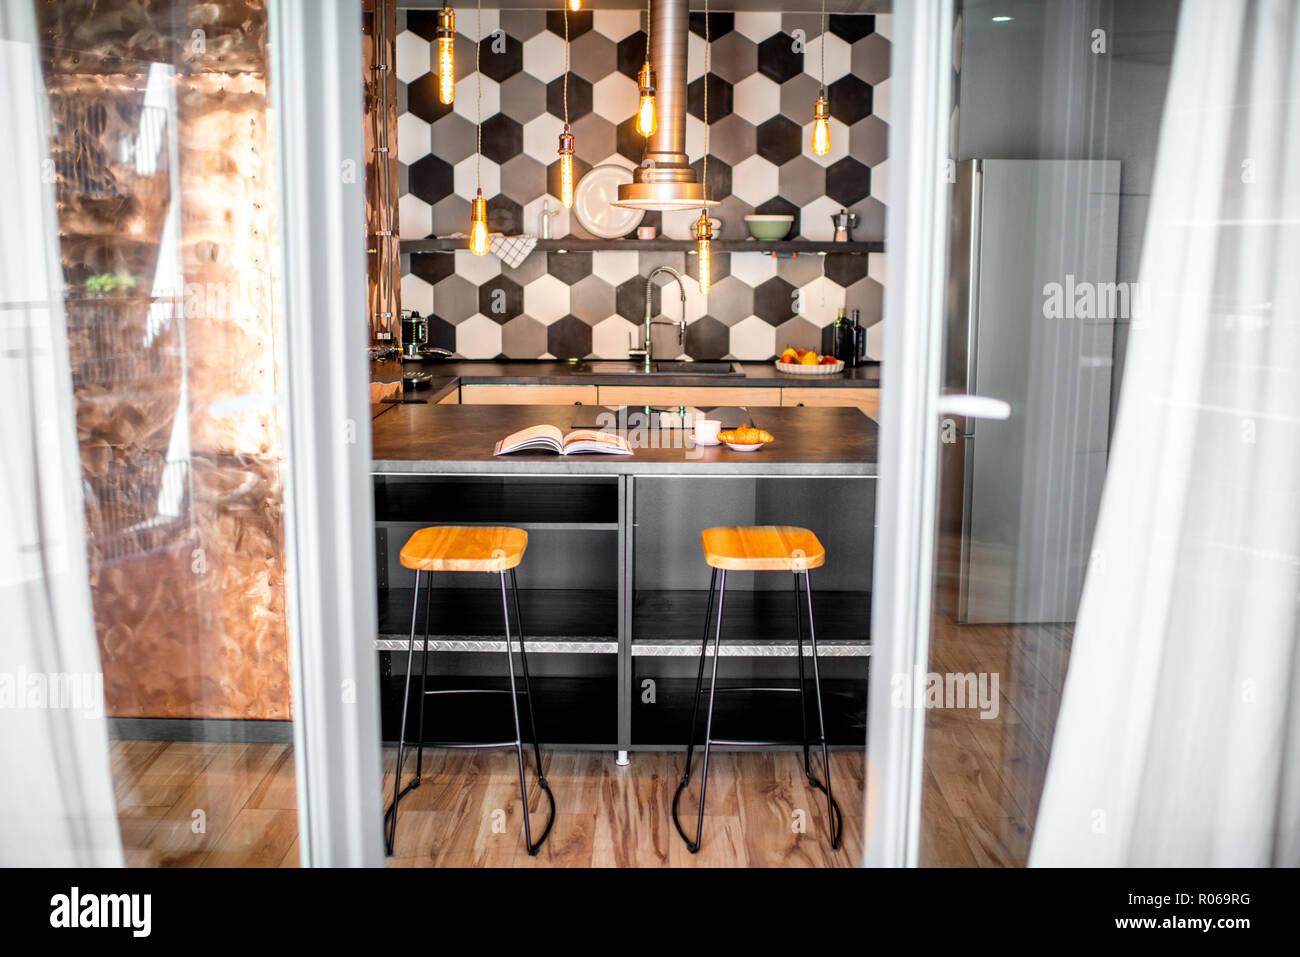 Loft cucina interna esagonale con piastrelle bianche e nere e